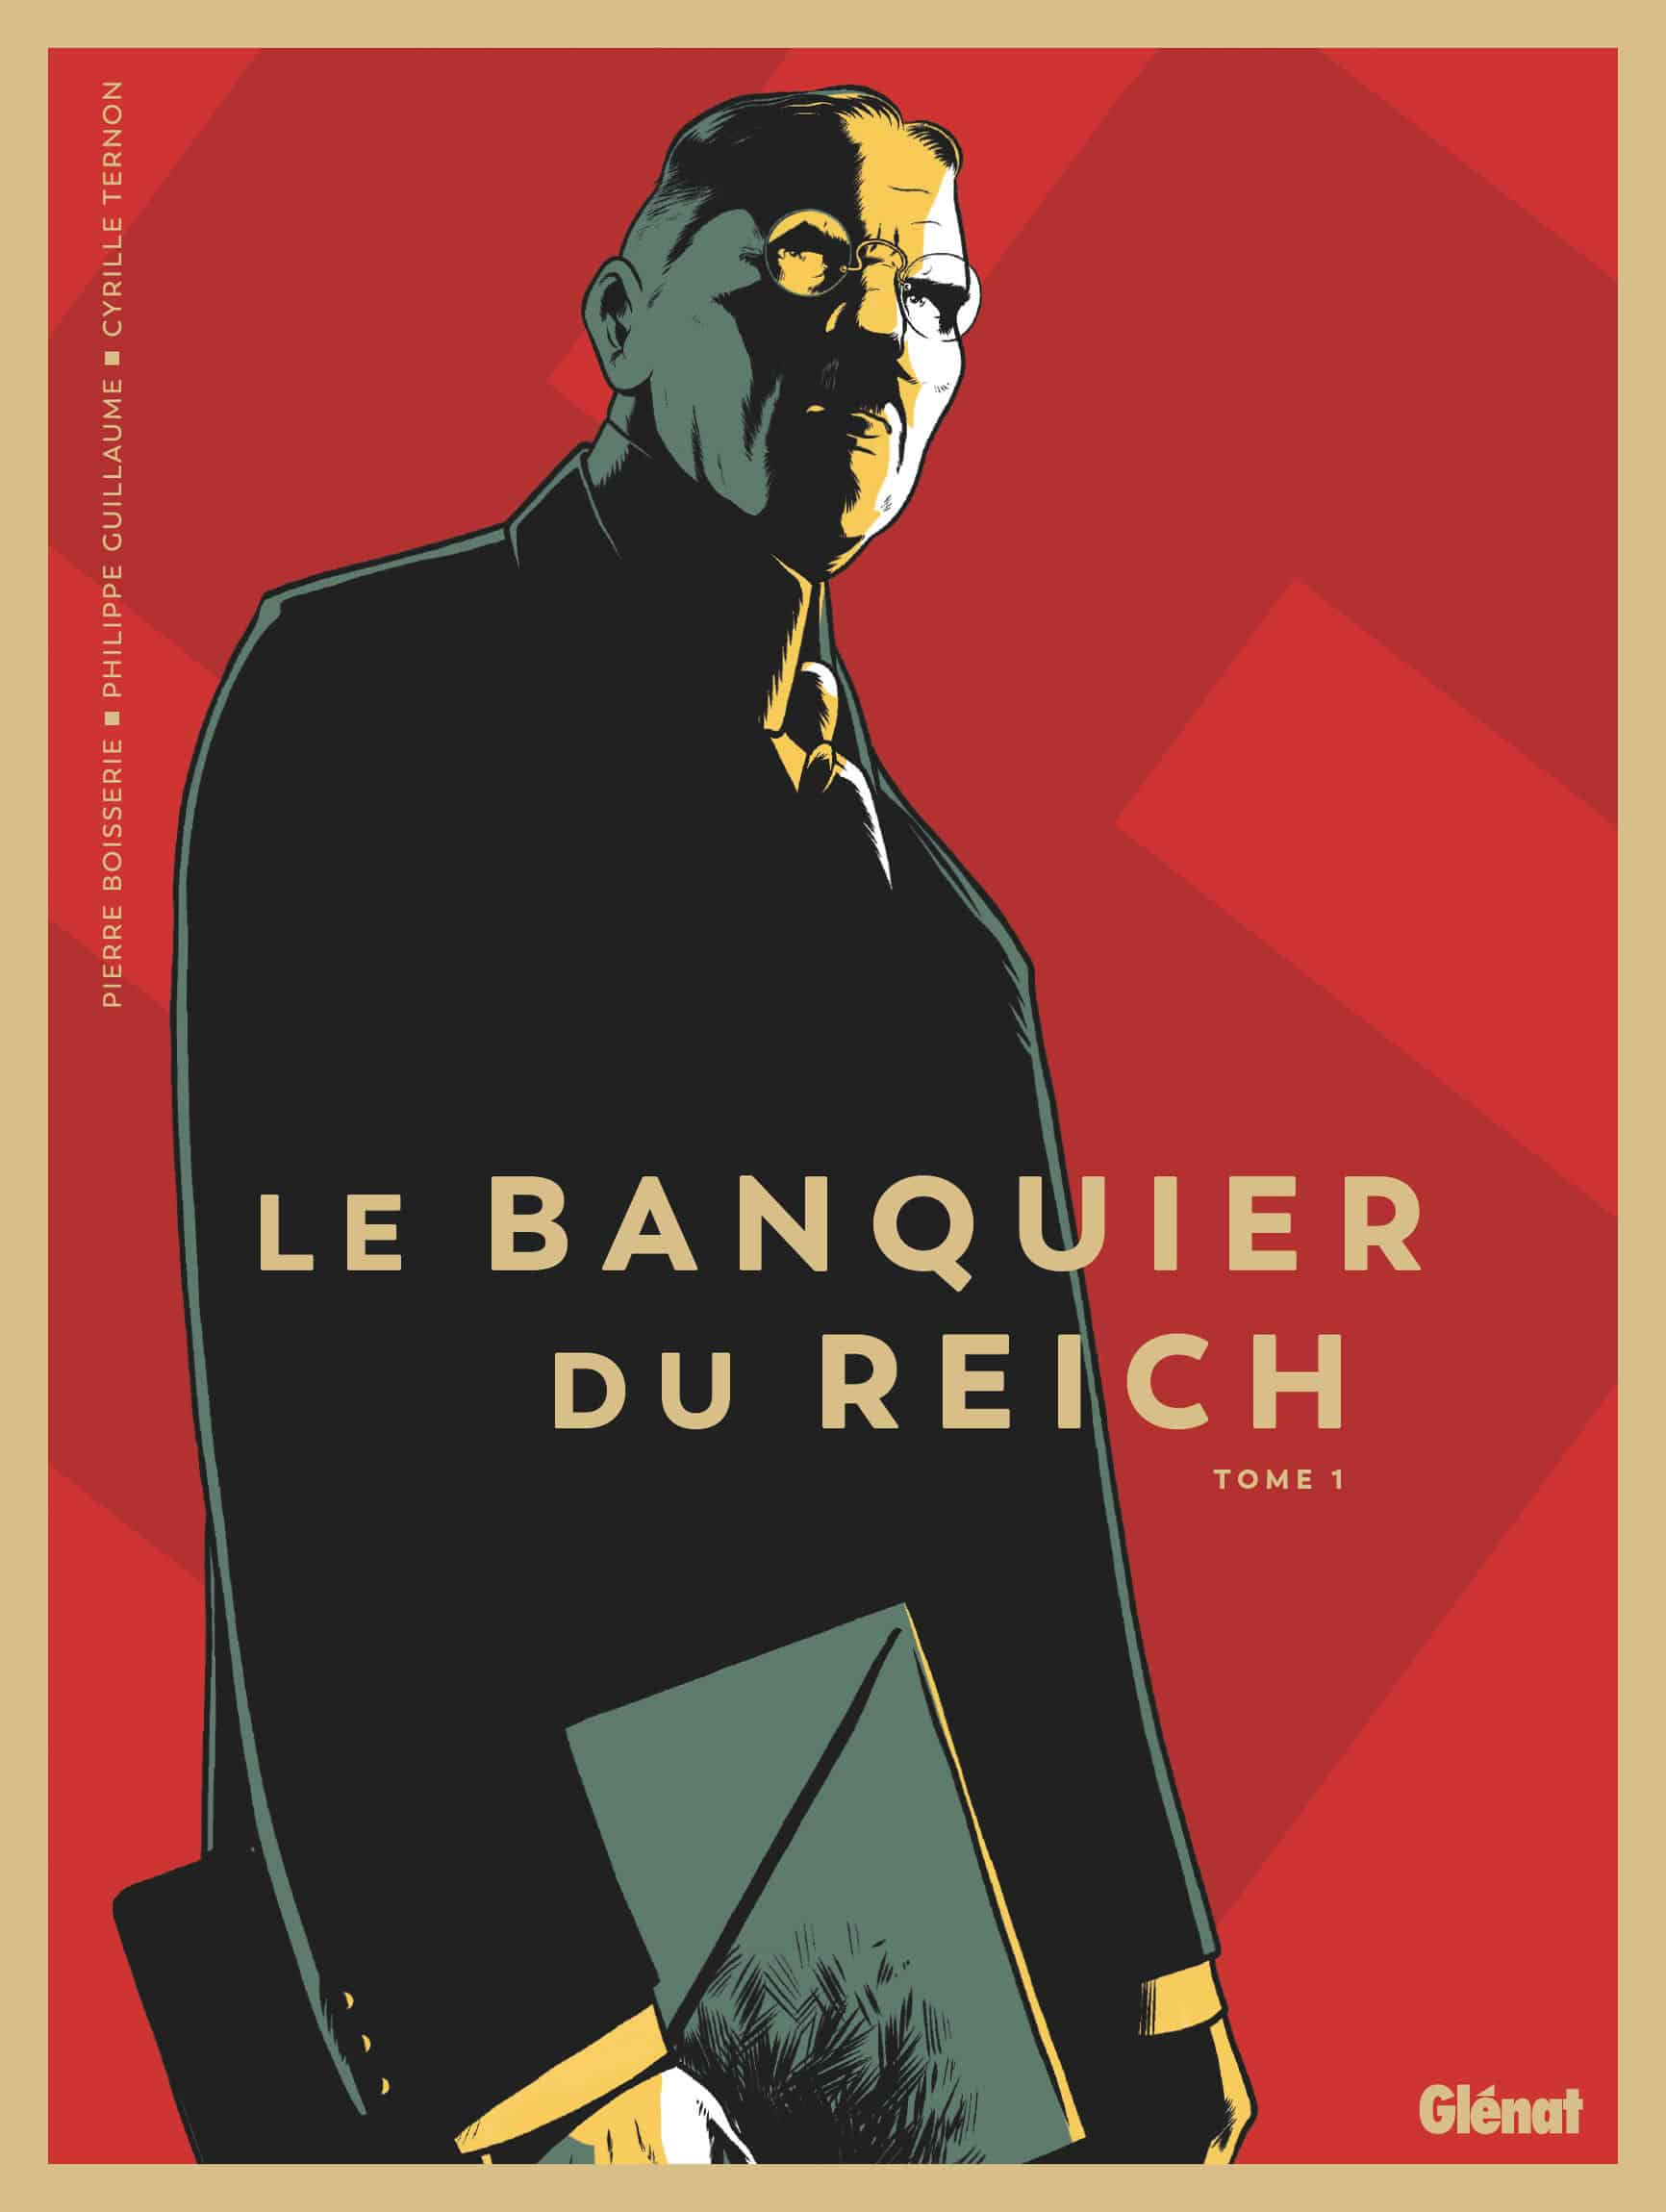 Le Banquier du Reich, Schacht économiste de génie et insaisissable